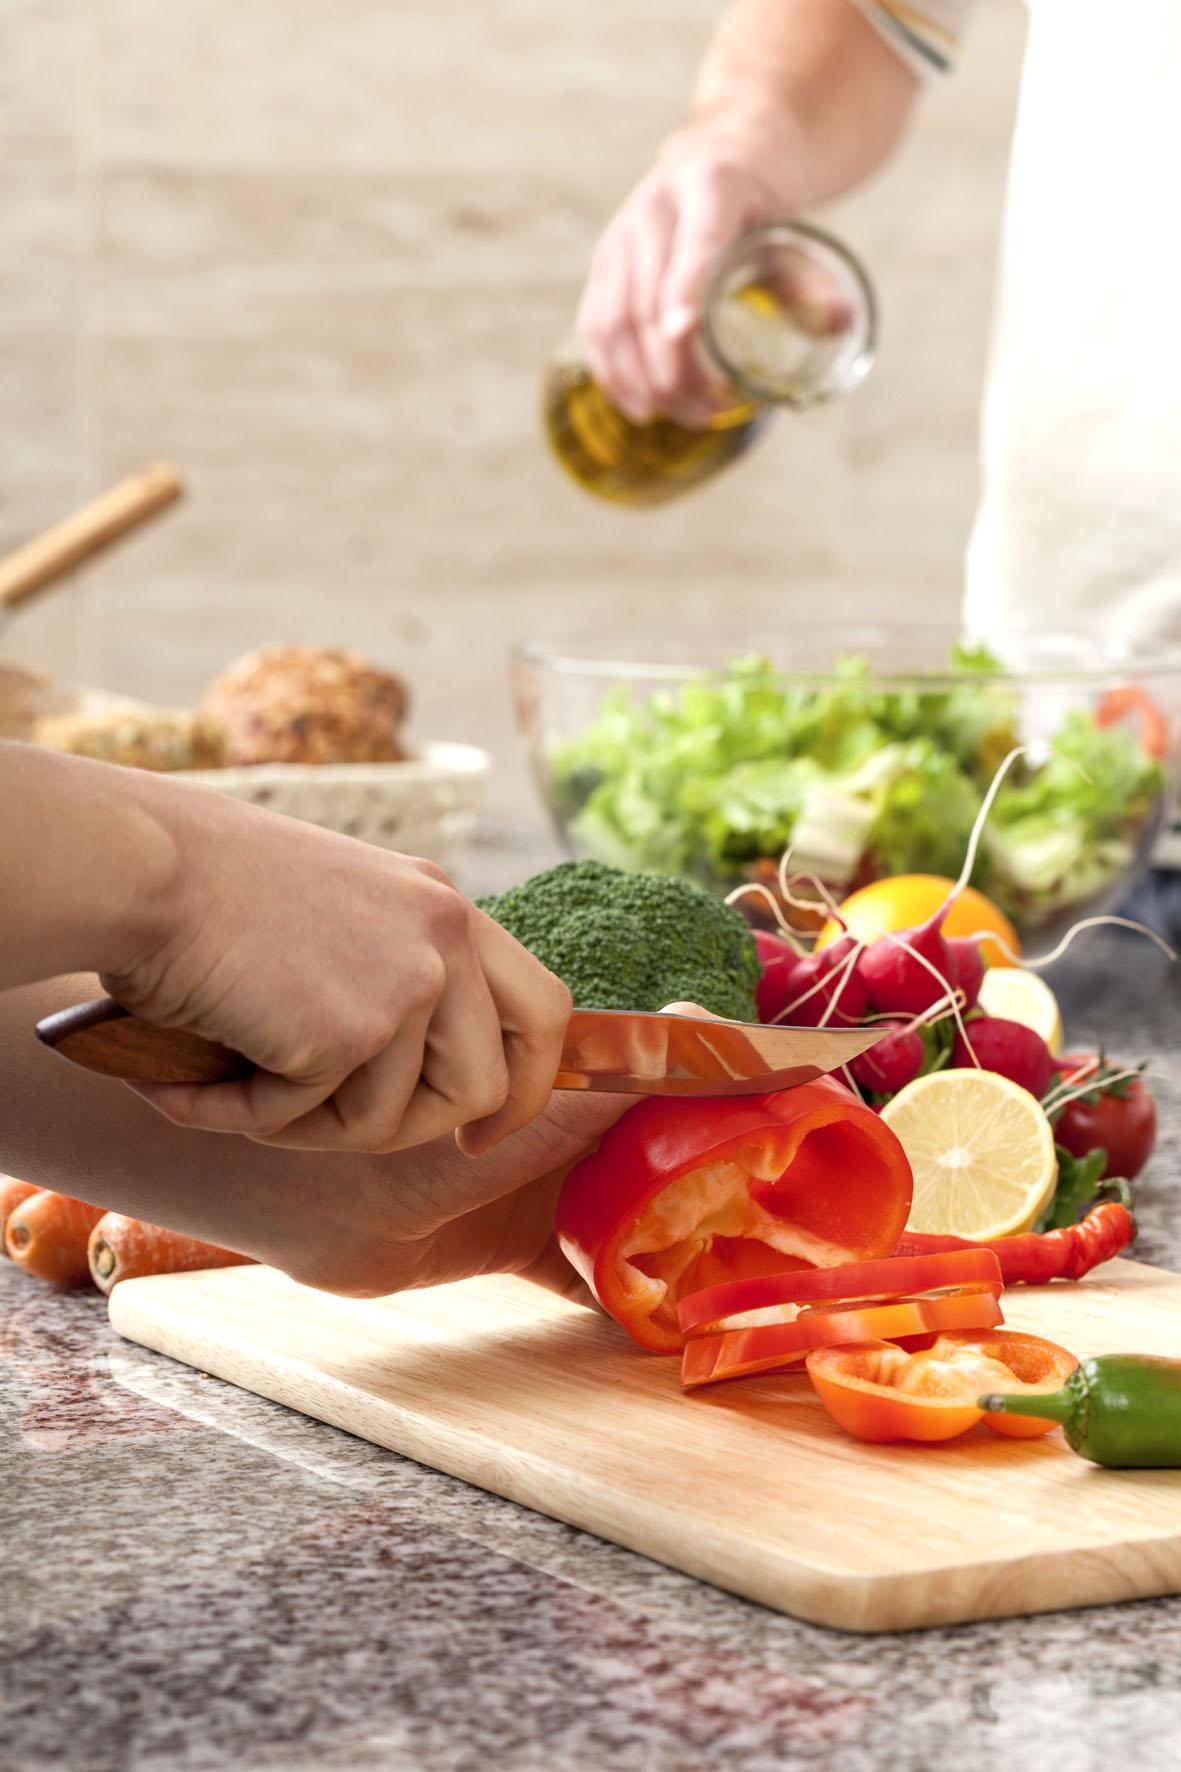 Frischer Salat, Gemüse und Pflanzenöle sind nicht nur kalorienarm, sondern versorgen den Körper auch mit gelenkgesunden Nährstoffen.